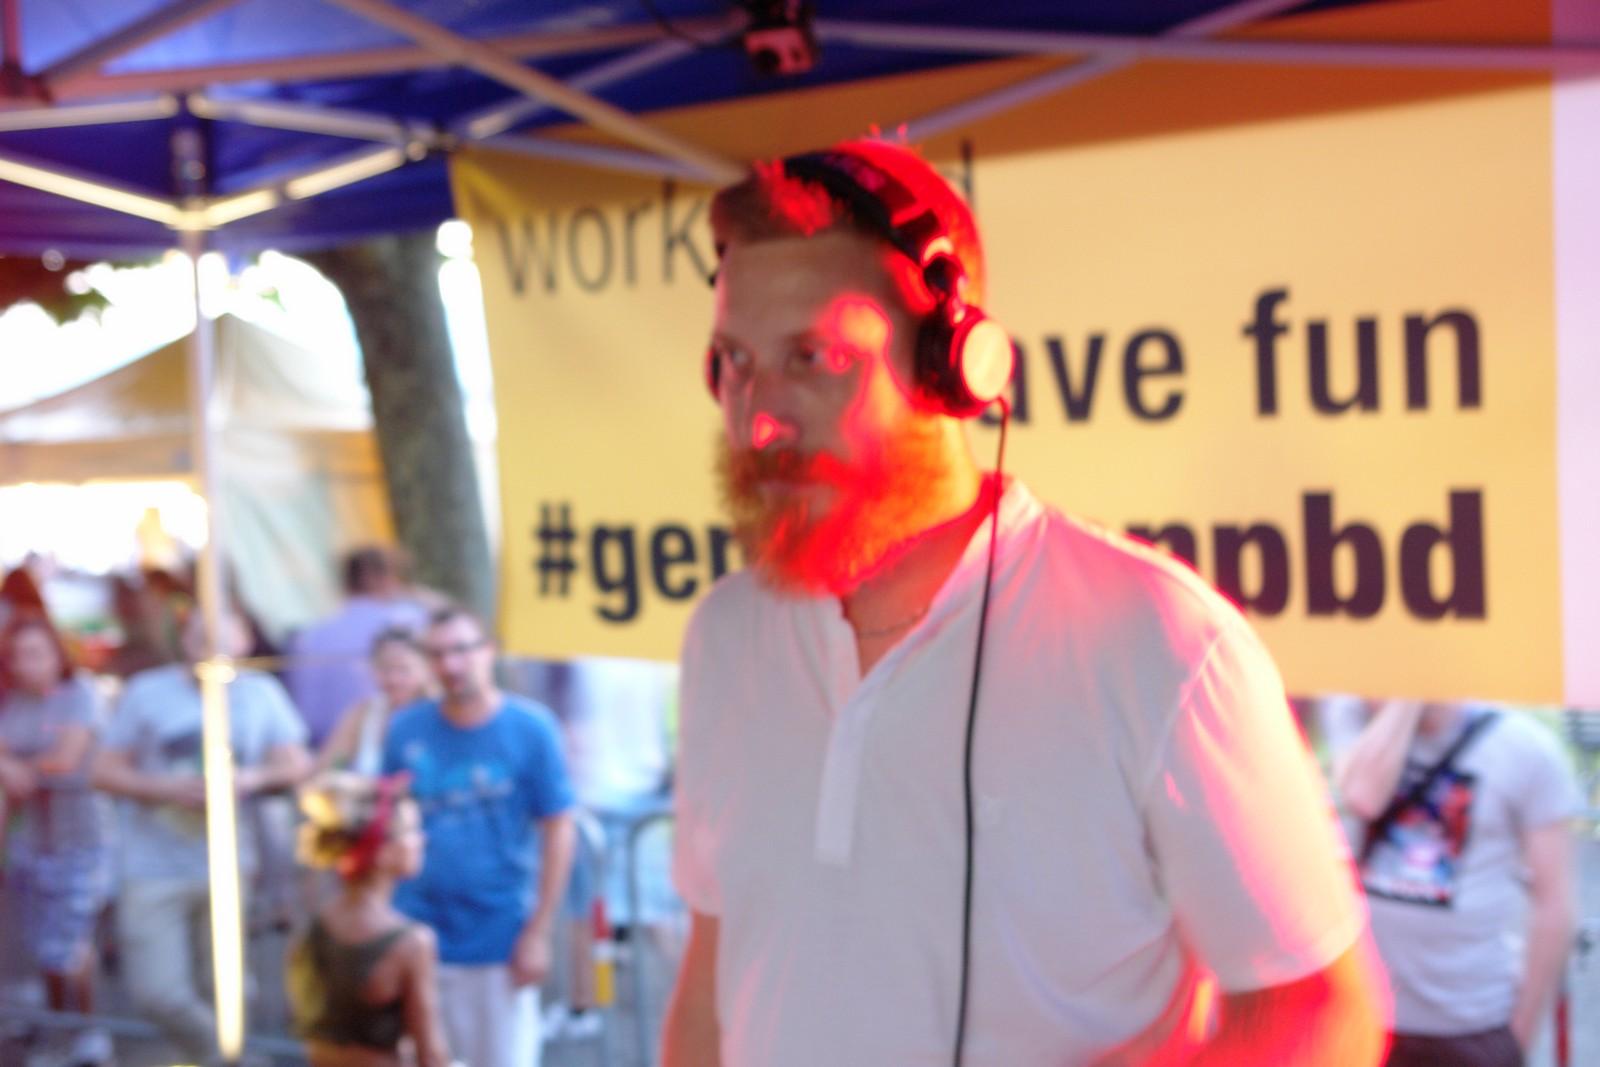 DJ Mfx